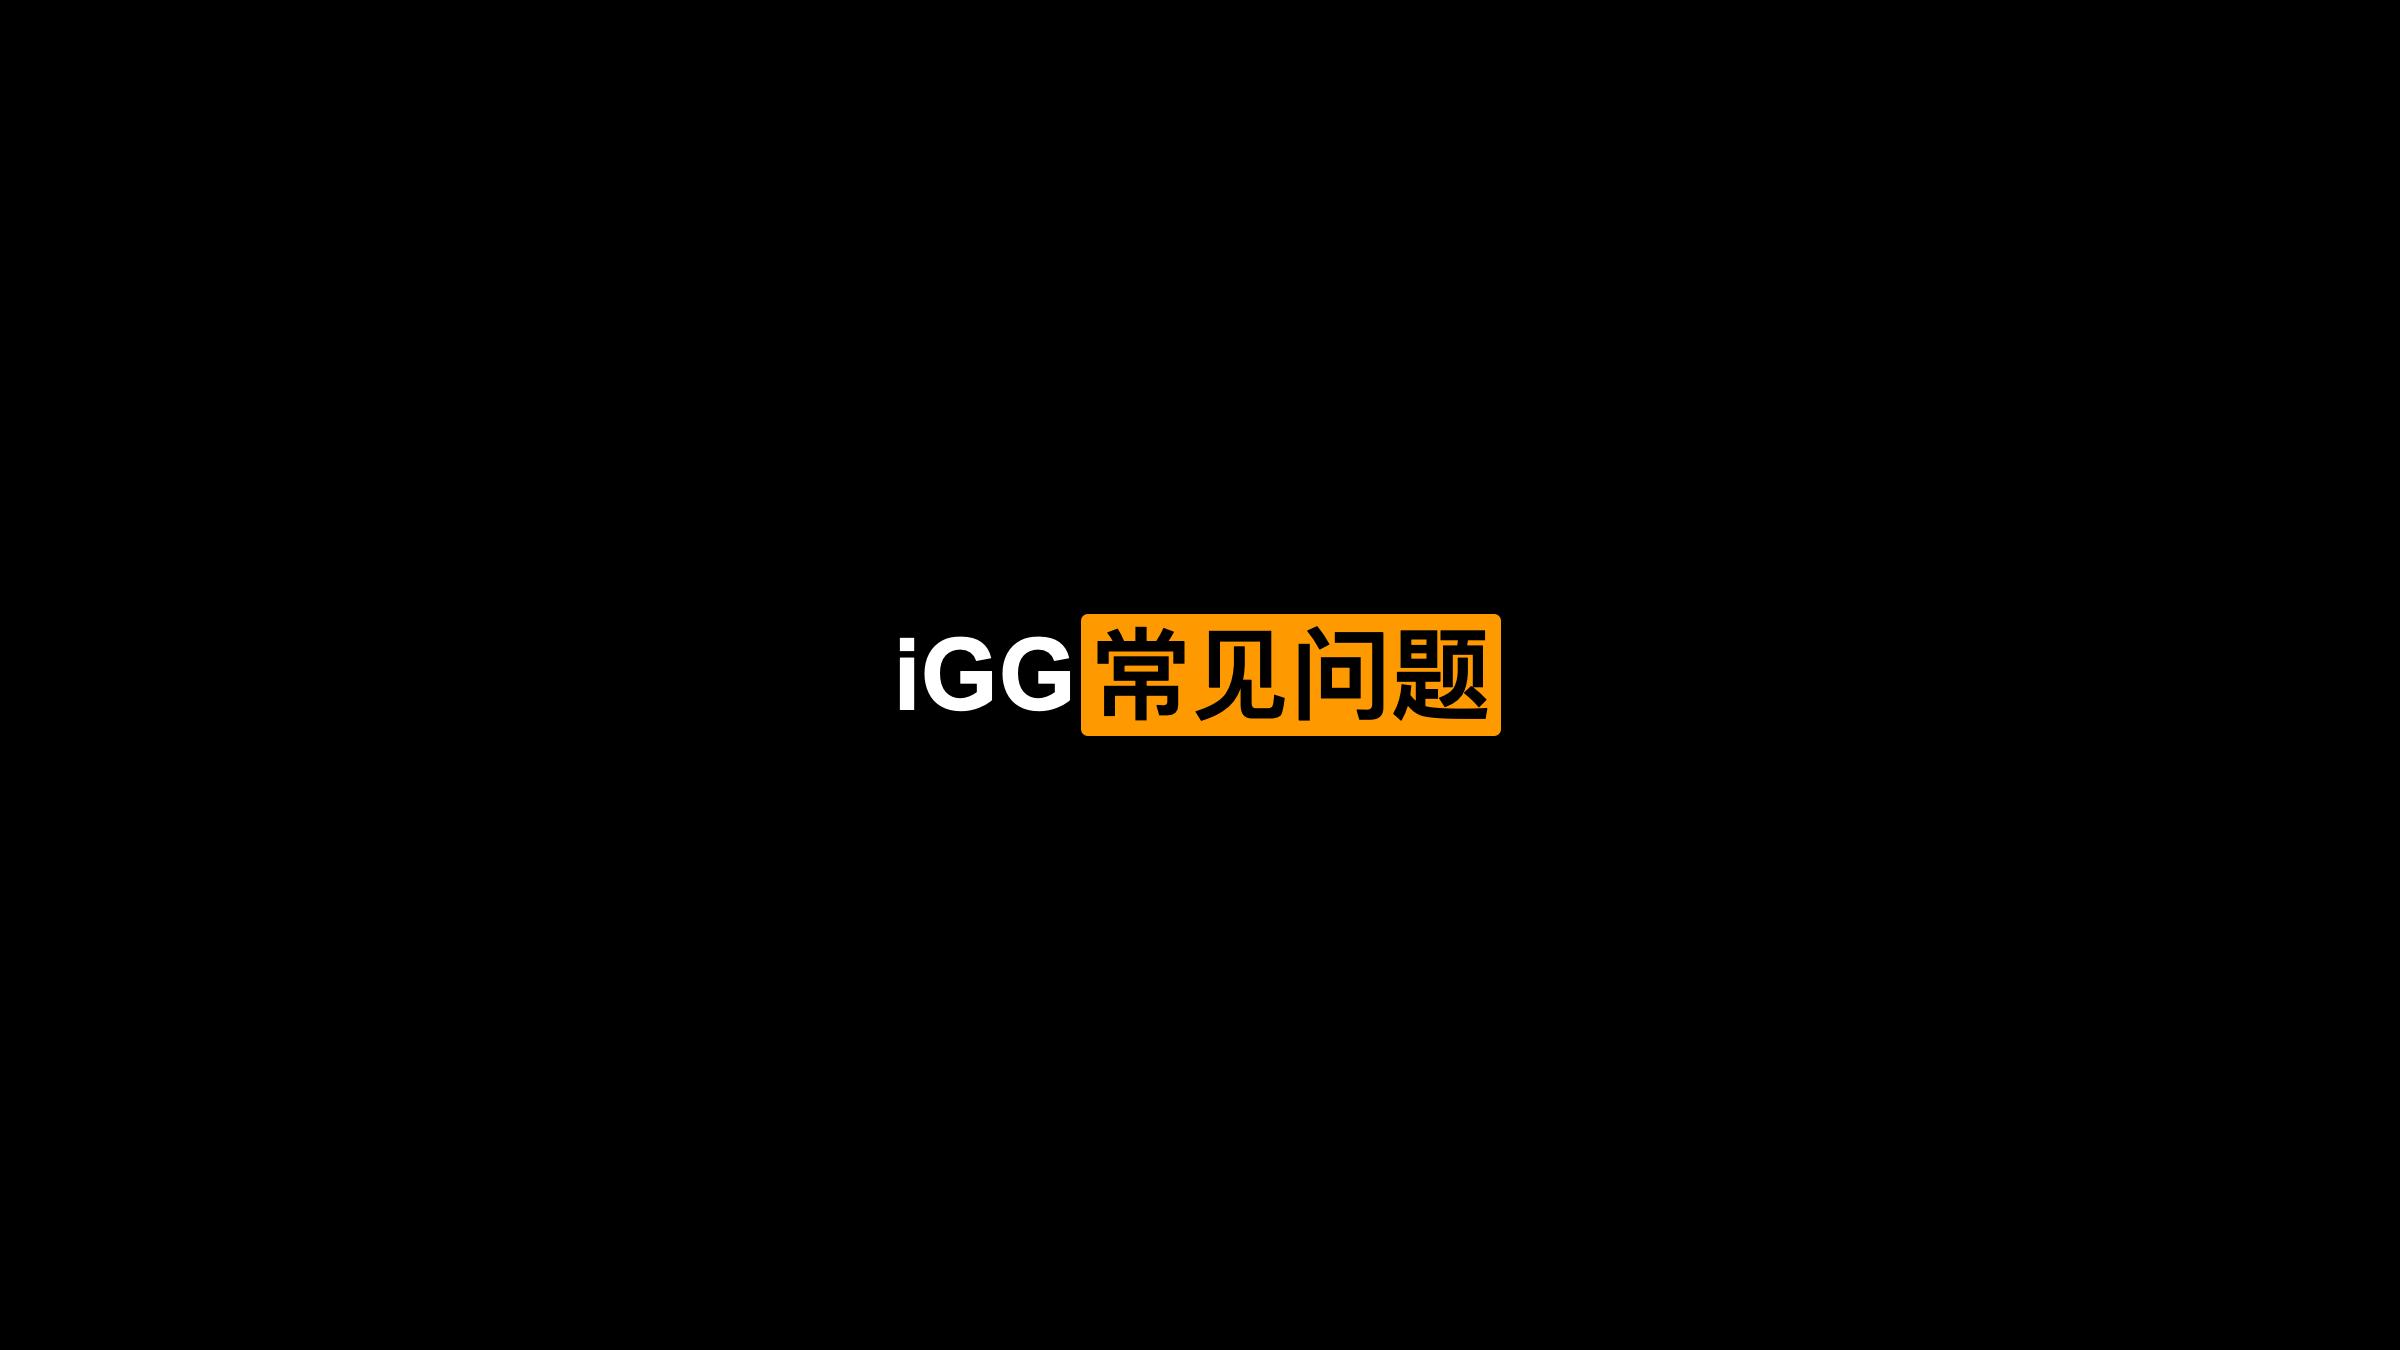 iGG 常见问题